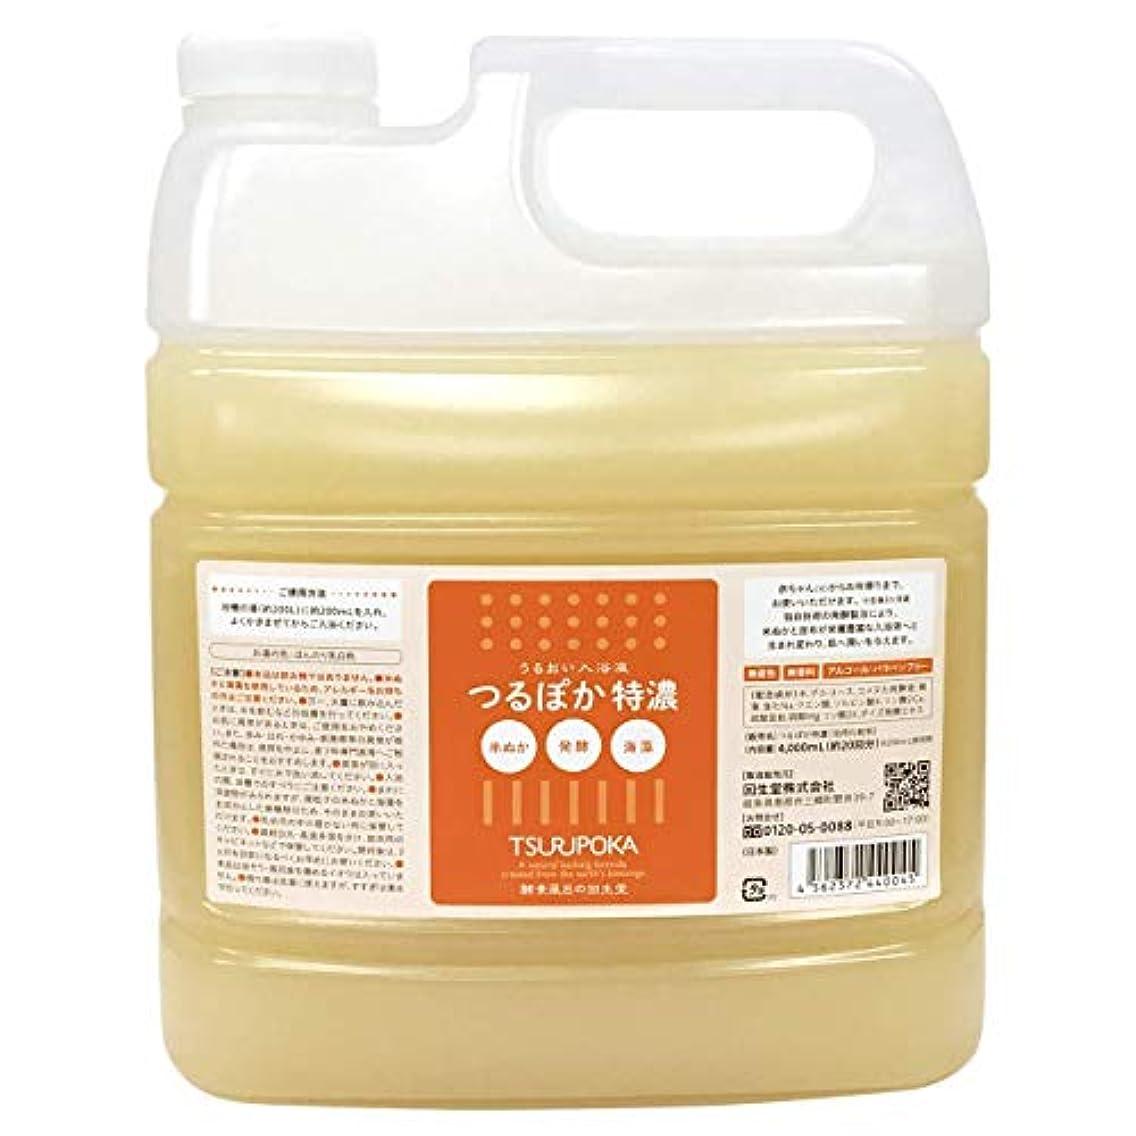 勝つたまにがっかりする「自宅で簡単酵素風呂」つるぽか特濃 国産の米ぬかと昆布を発酵させた自然派酵素入浴液 約20回分(1回200mL使用)うるおい しっとり 保湿 冷え性 発汗 温活 入浴剤 全身美容